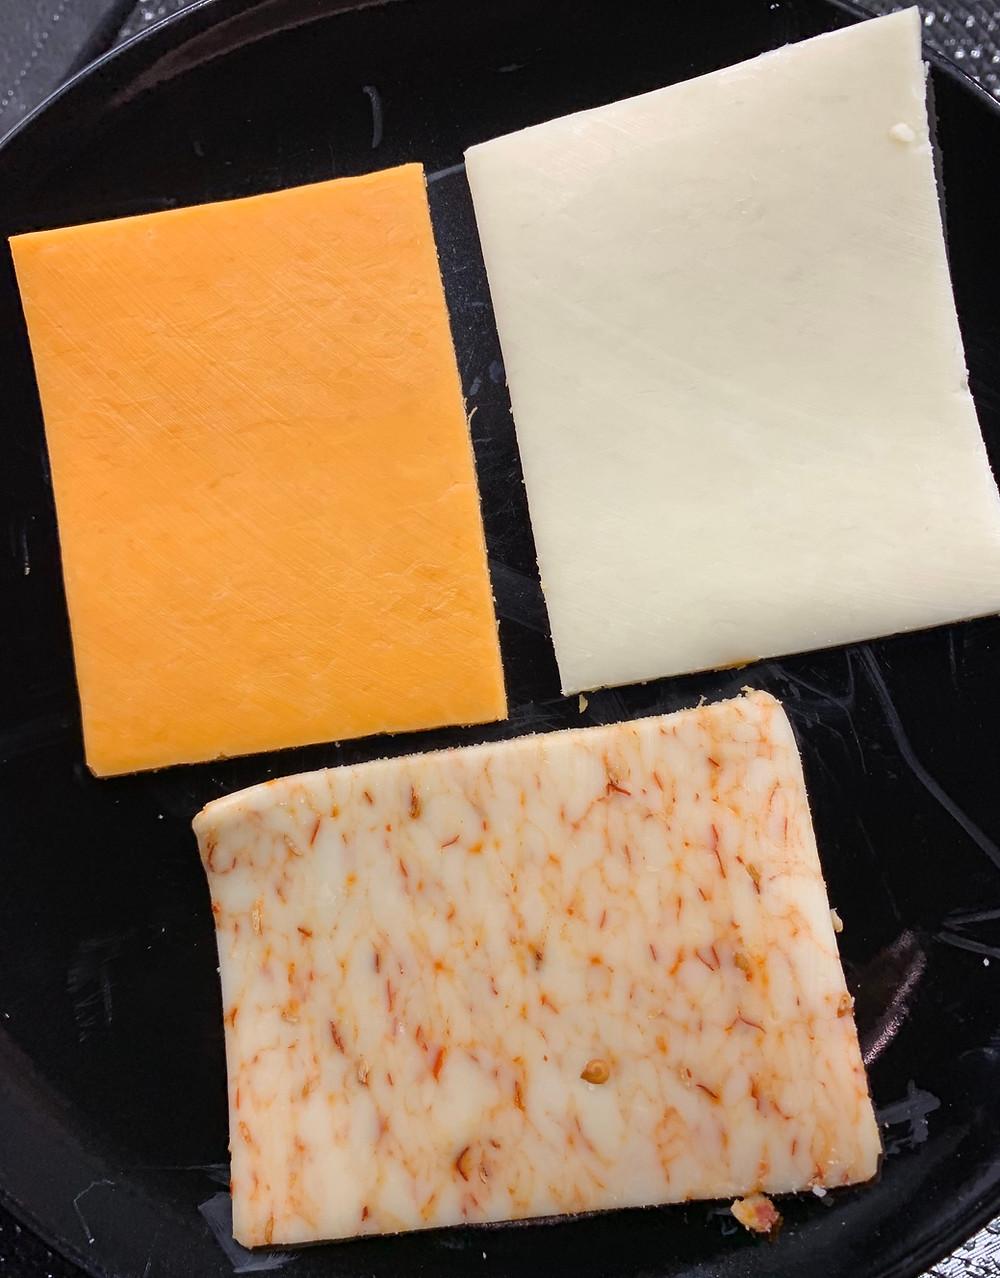 Costco Bothwell Cheese Variety Pack